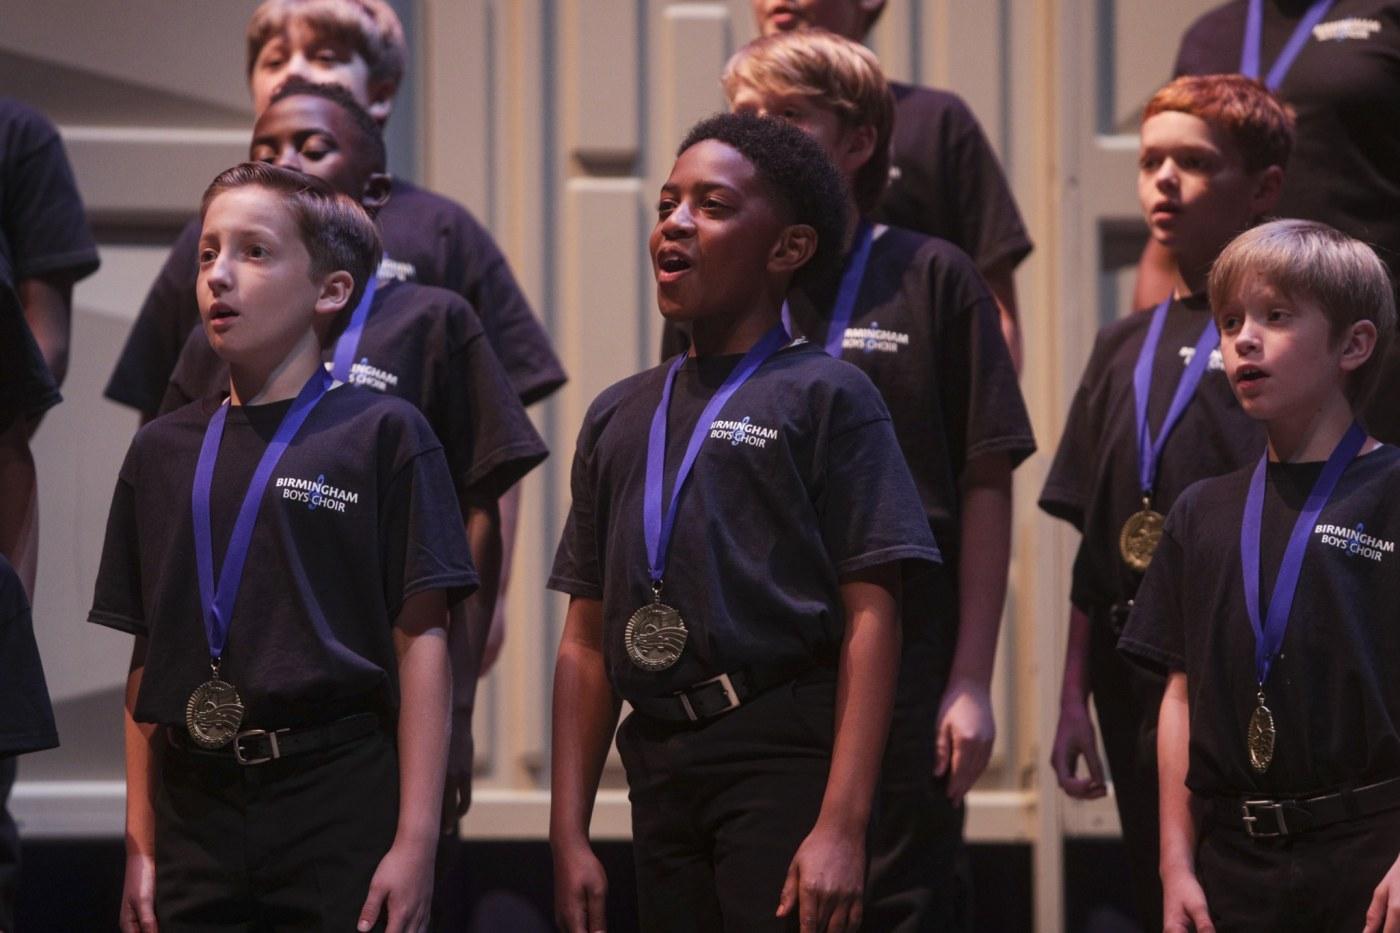 Birmingham, Birmingham Boys Choir